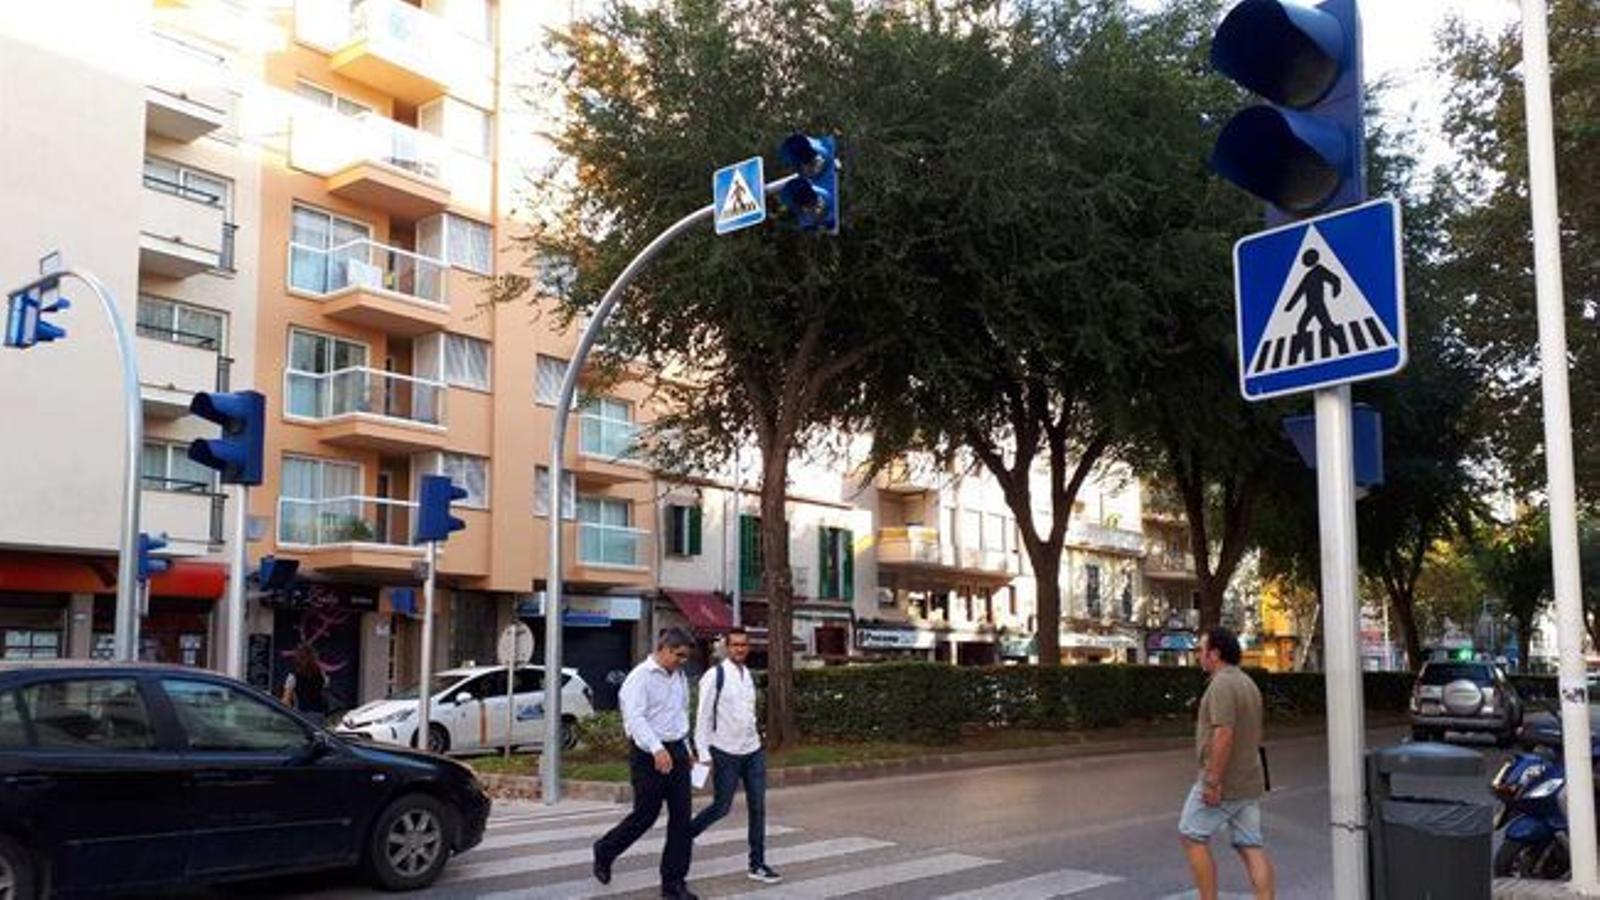 Ara aquesta reducció de velocitat s'aplica a un 20% dels carrers de Palma